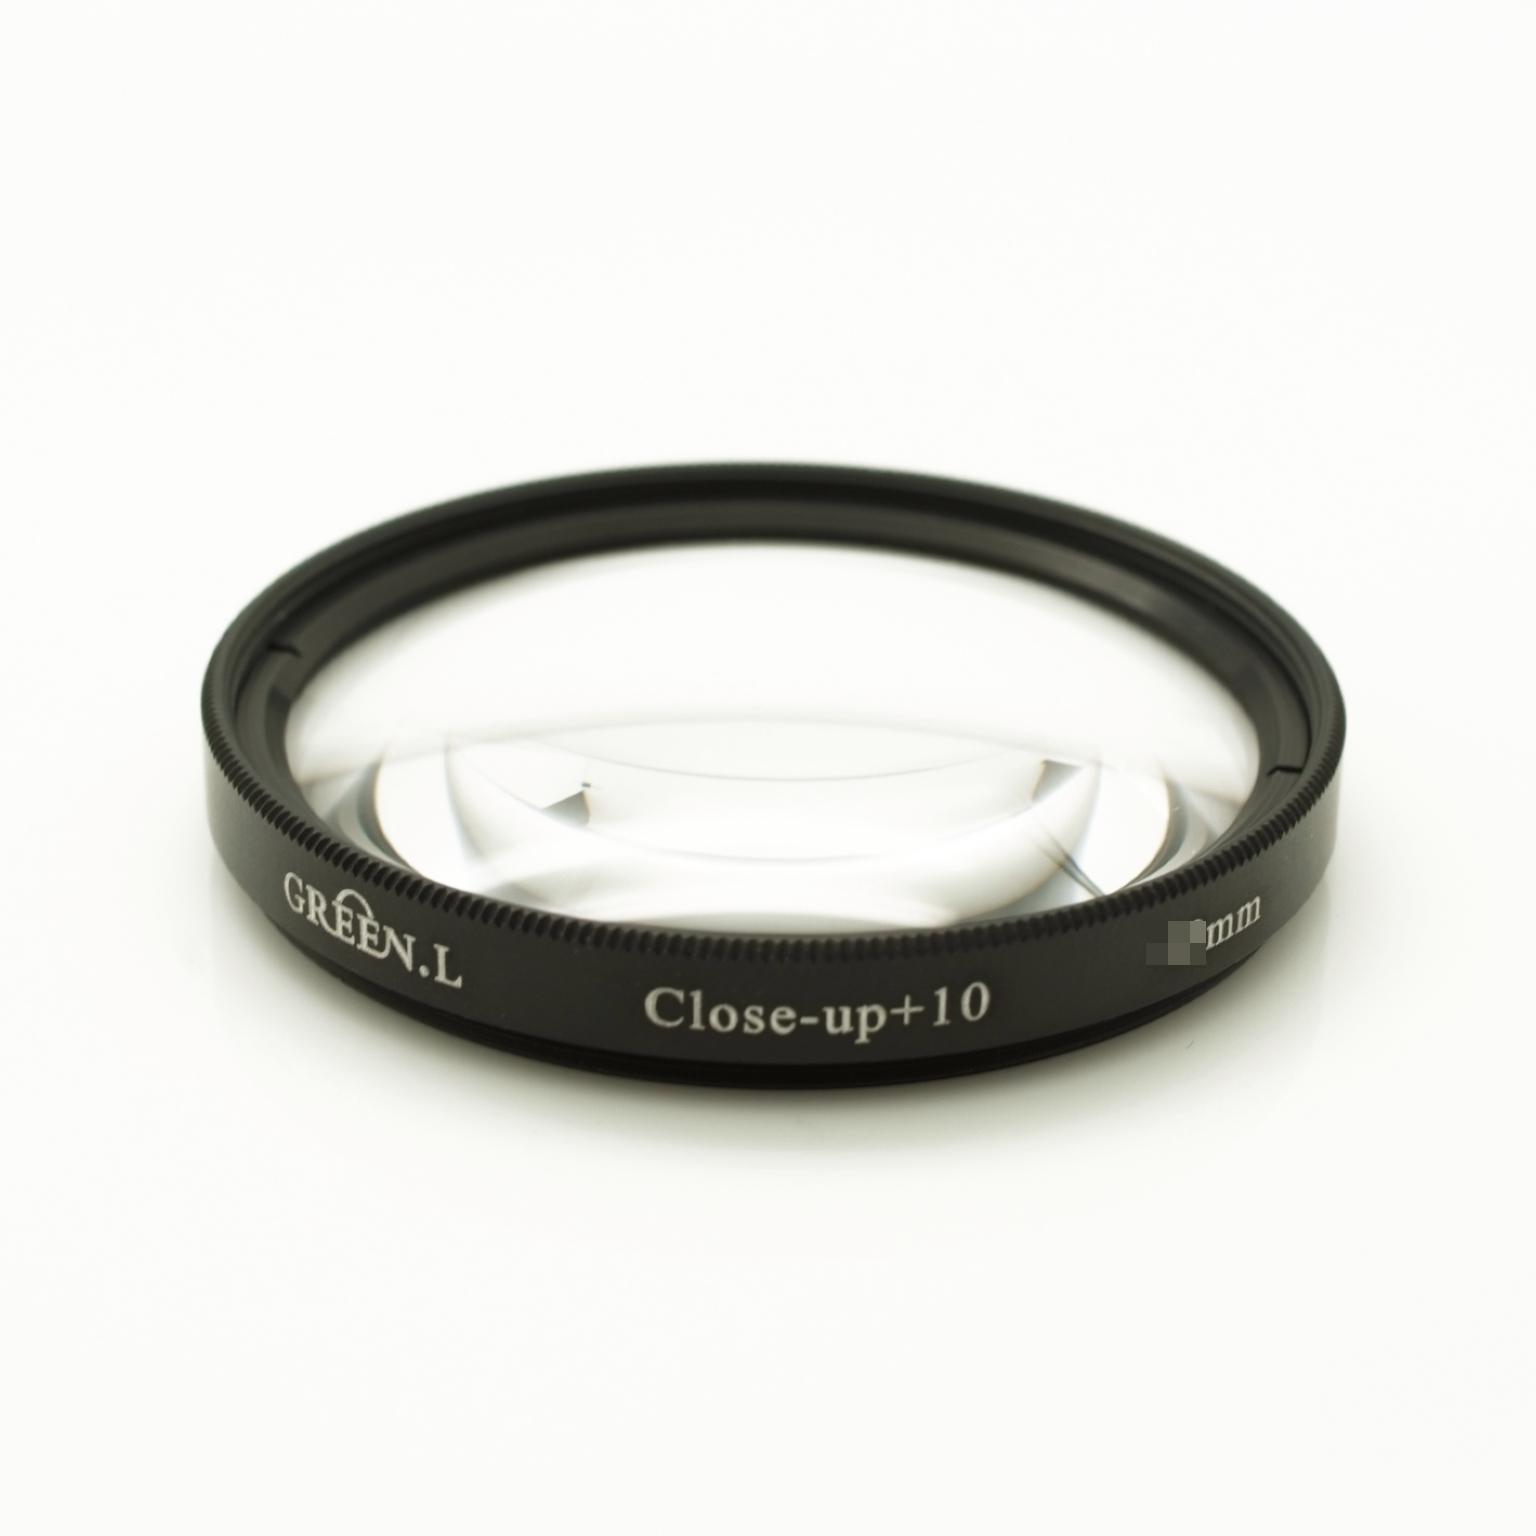 又敗家@ Green.L 67mm近攝鏡片放大鏡(close-up+10)Micro Macro鏡微距鏡,可代倒接環接寫環雙陽環百微轉接環適近拍生態攝影,非華光1.05-1.52x